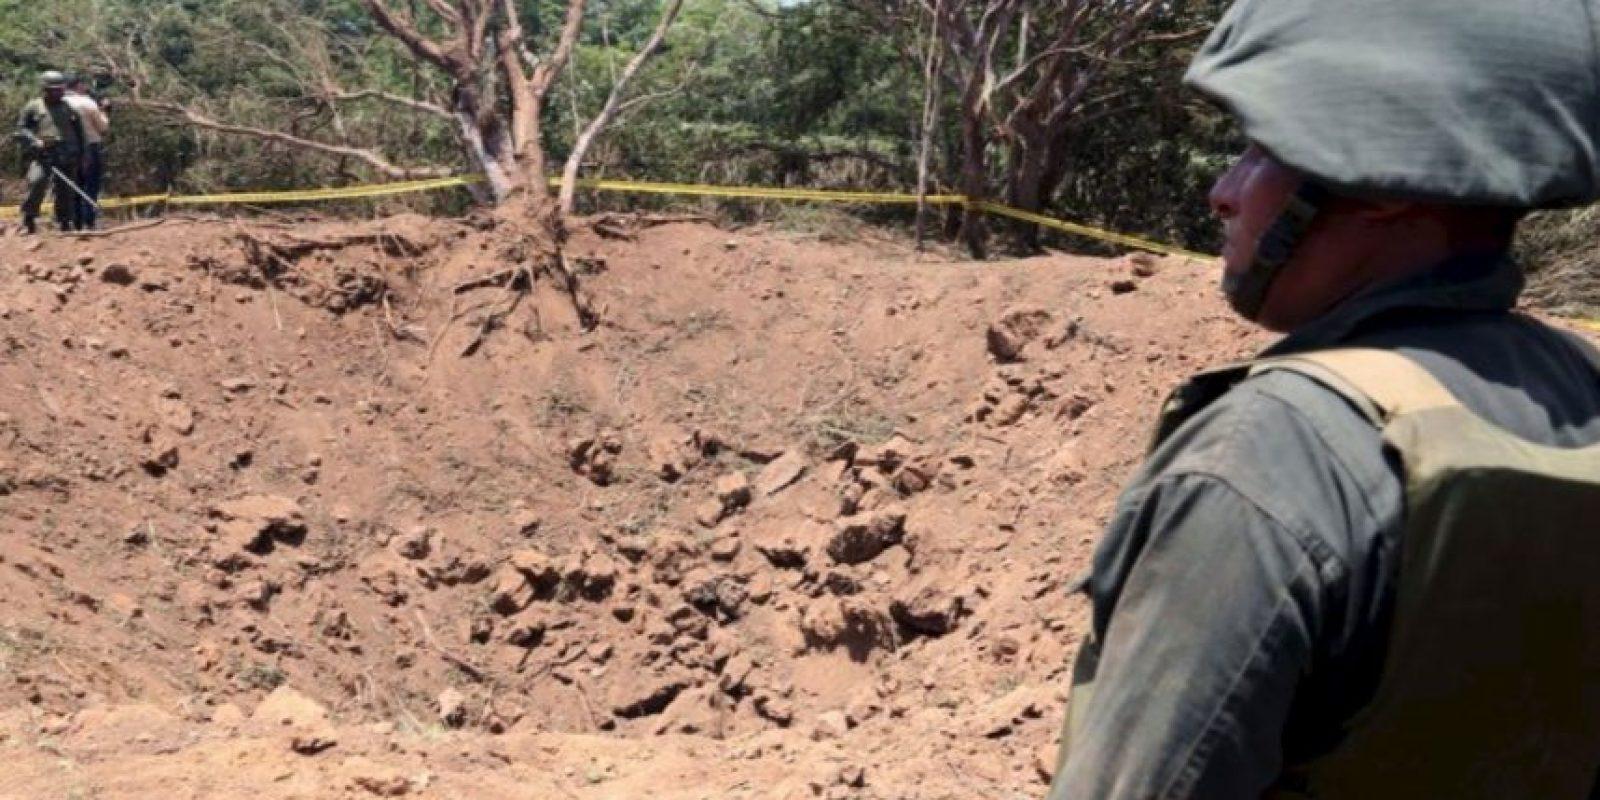 El Gobierno de Nicaragua dio a conocer que una explosión registrada el 8 de septiembre cerca del aeropuerto internacional Augusto C. Sandino de Managua fue a causa de un meteorito que cayó en el lugar, detalló BBC. Foto:AFP